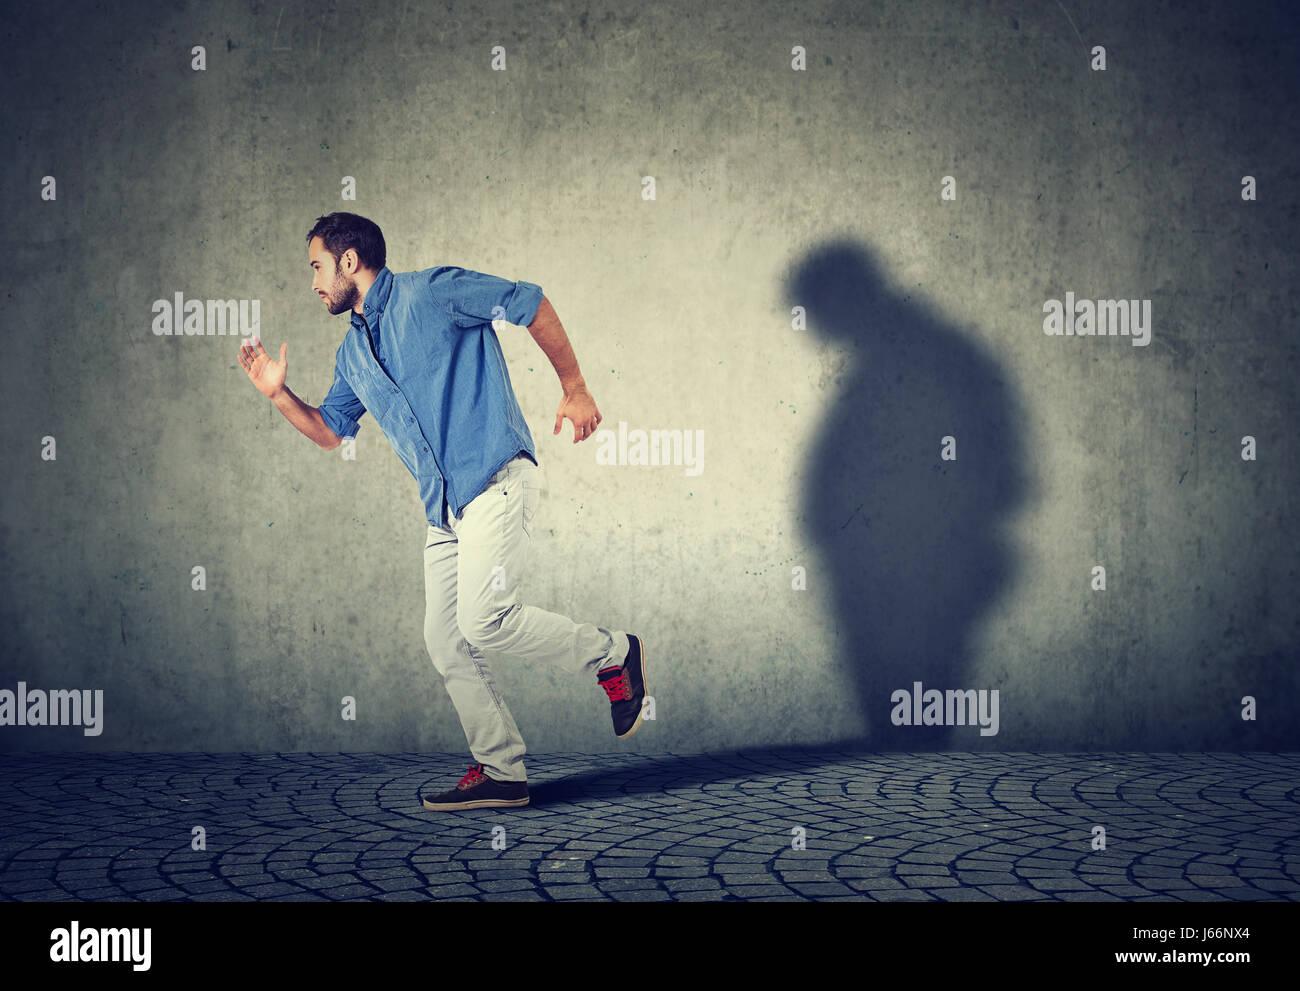 Uomo che corre lontano dal suo triste cupo fat ombra sul muro. Salute mentale e controllo del peso corporeo concept Immagini Stock